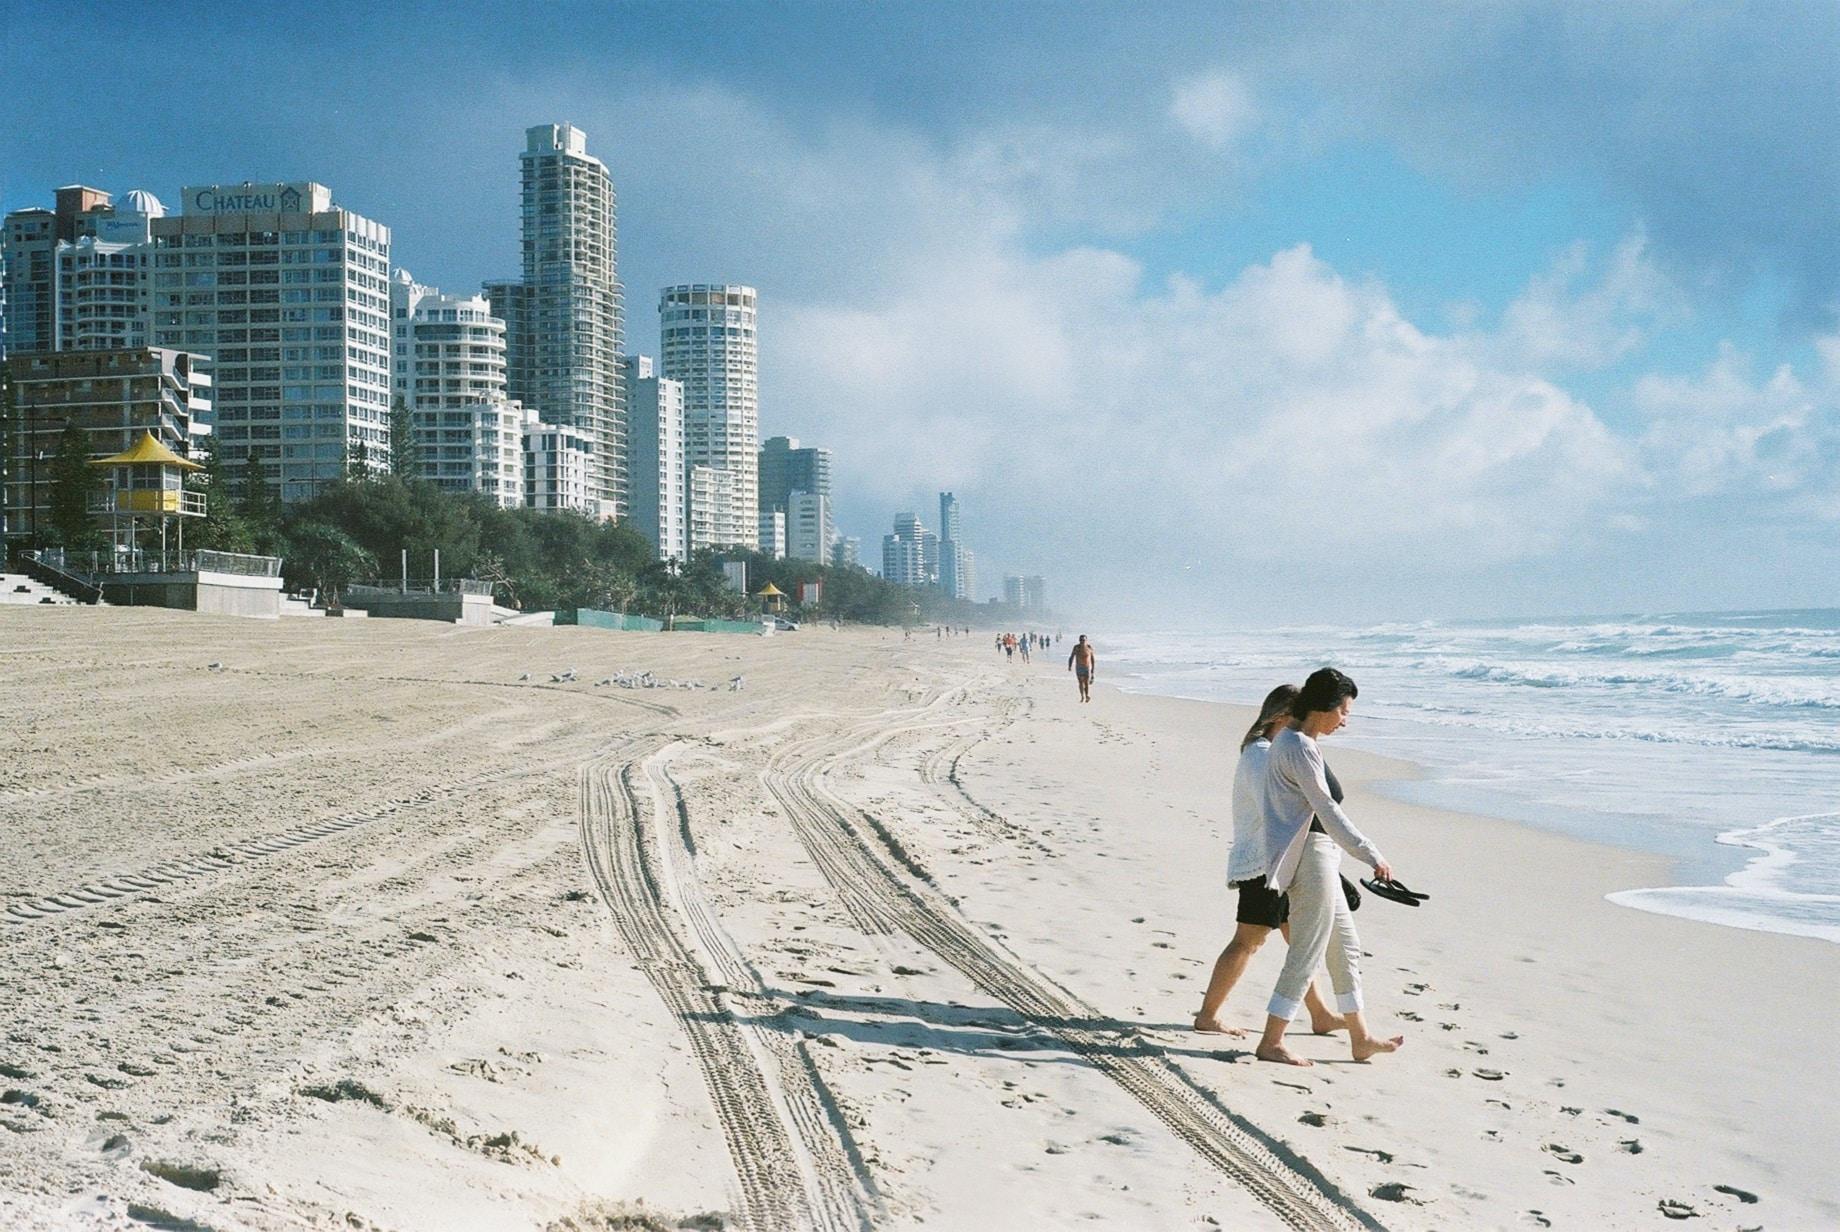 People on a city sand coastline at Surfers Paradise